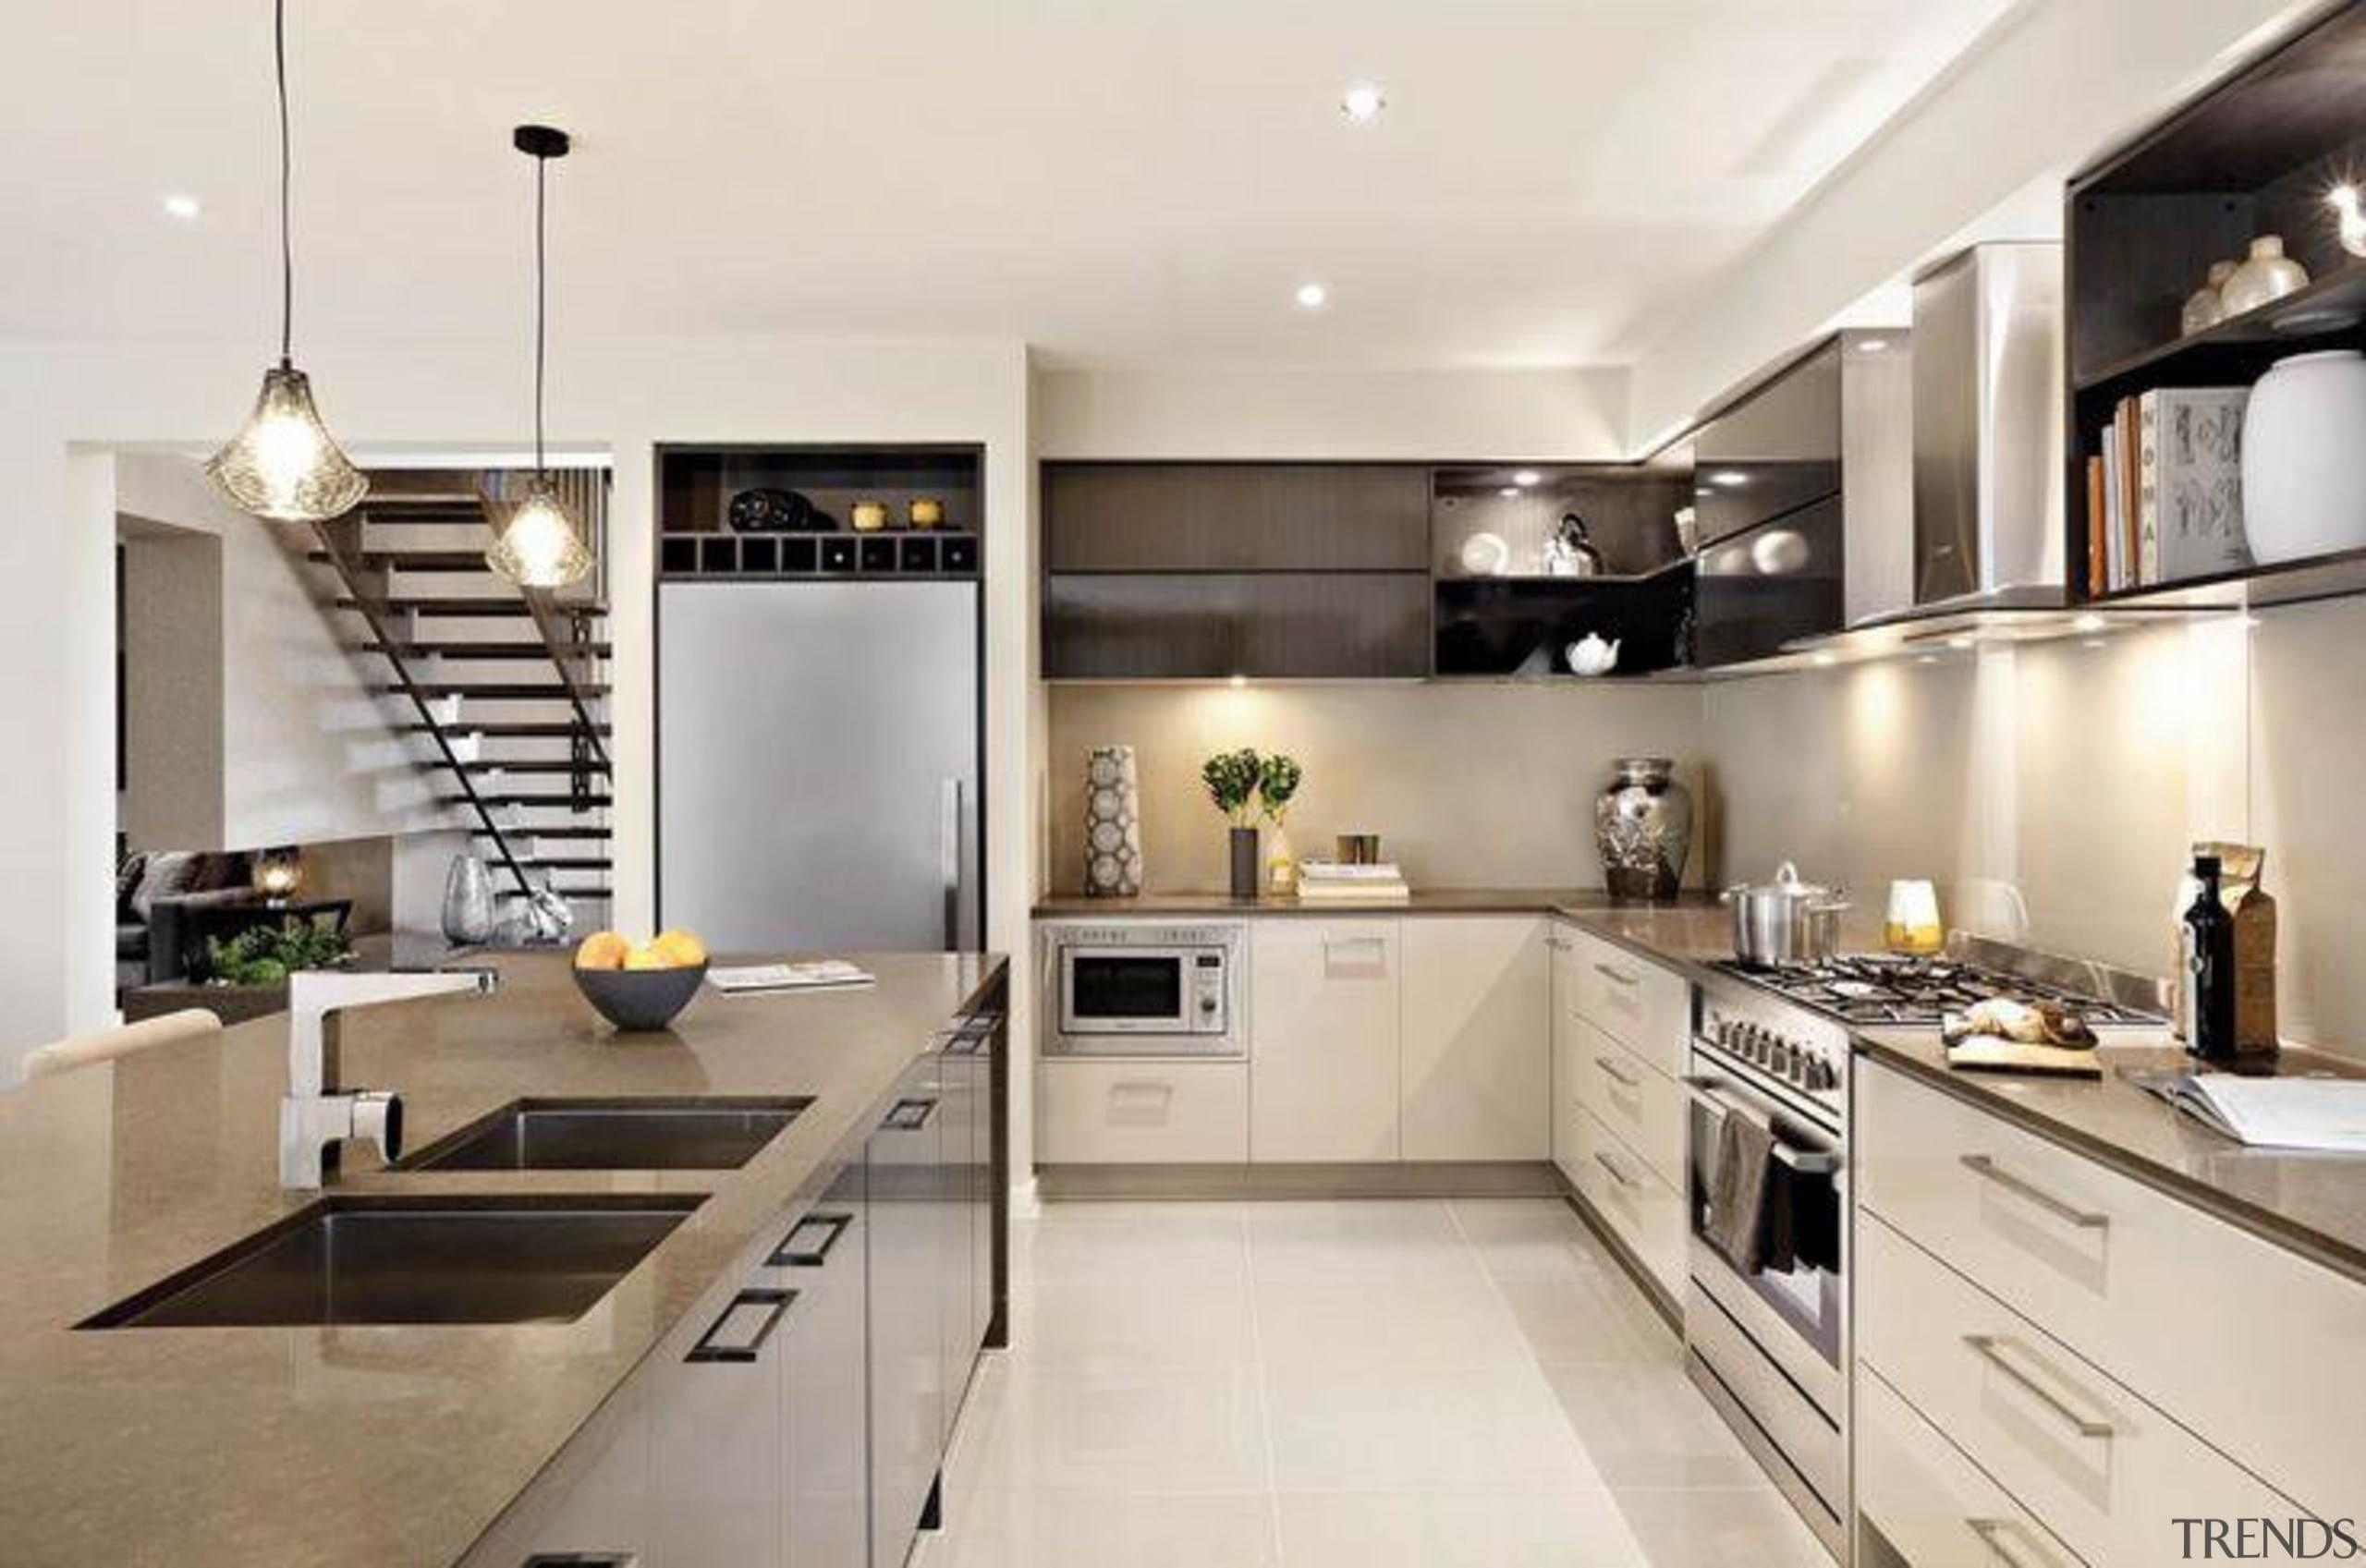 Carlisle Homes Wild Rice - Wild Rice™ - countertop, cuisine classique, interior design, kitchen, white